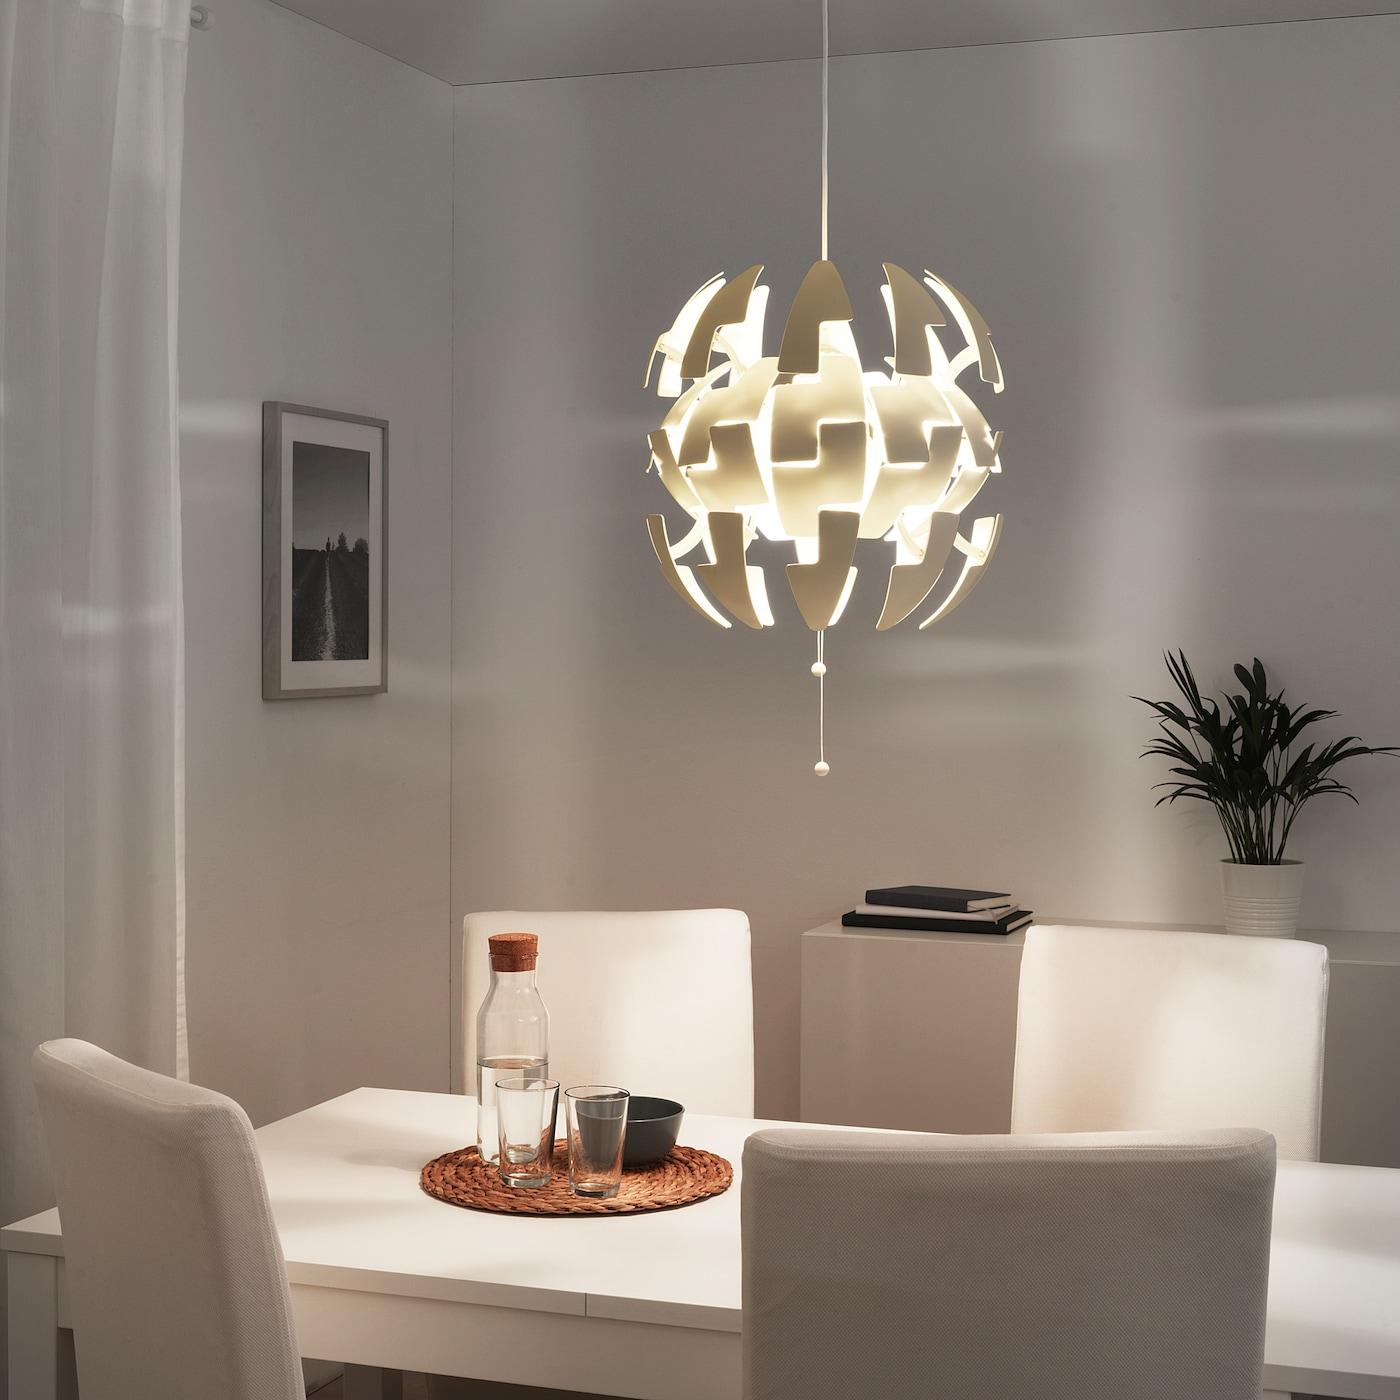 IKEA PS 2014 Hängeleuchte weiß 35 cm